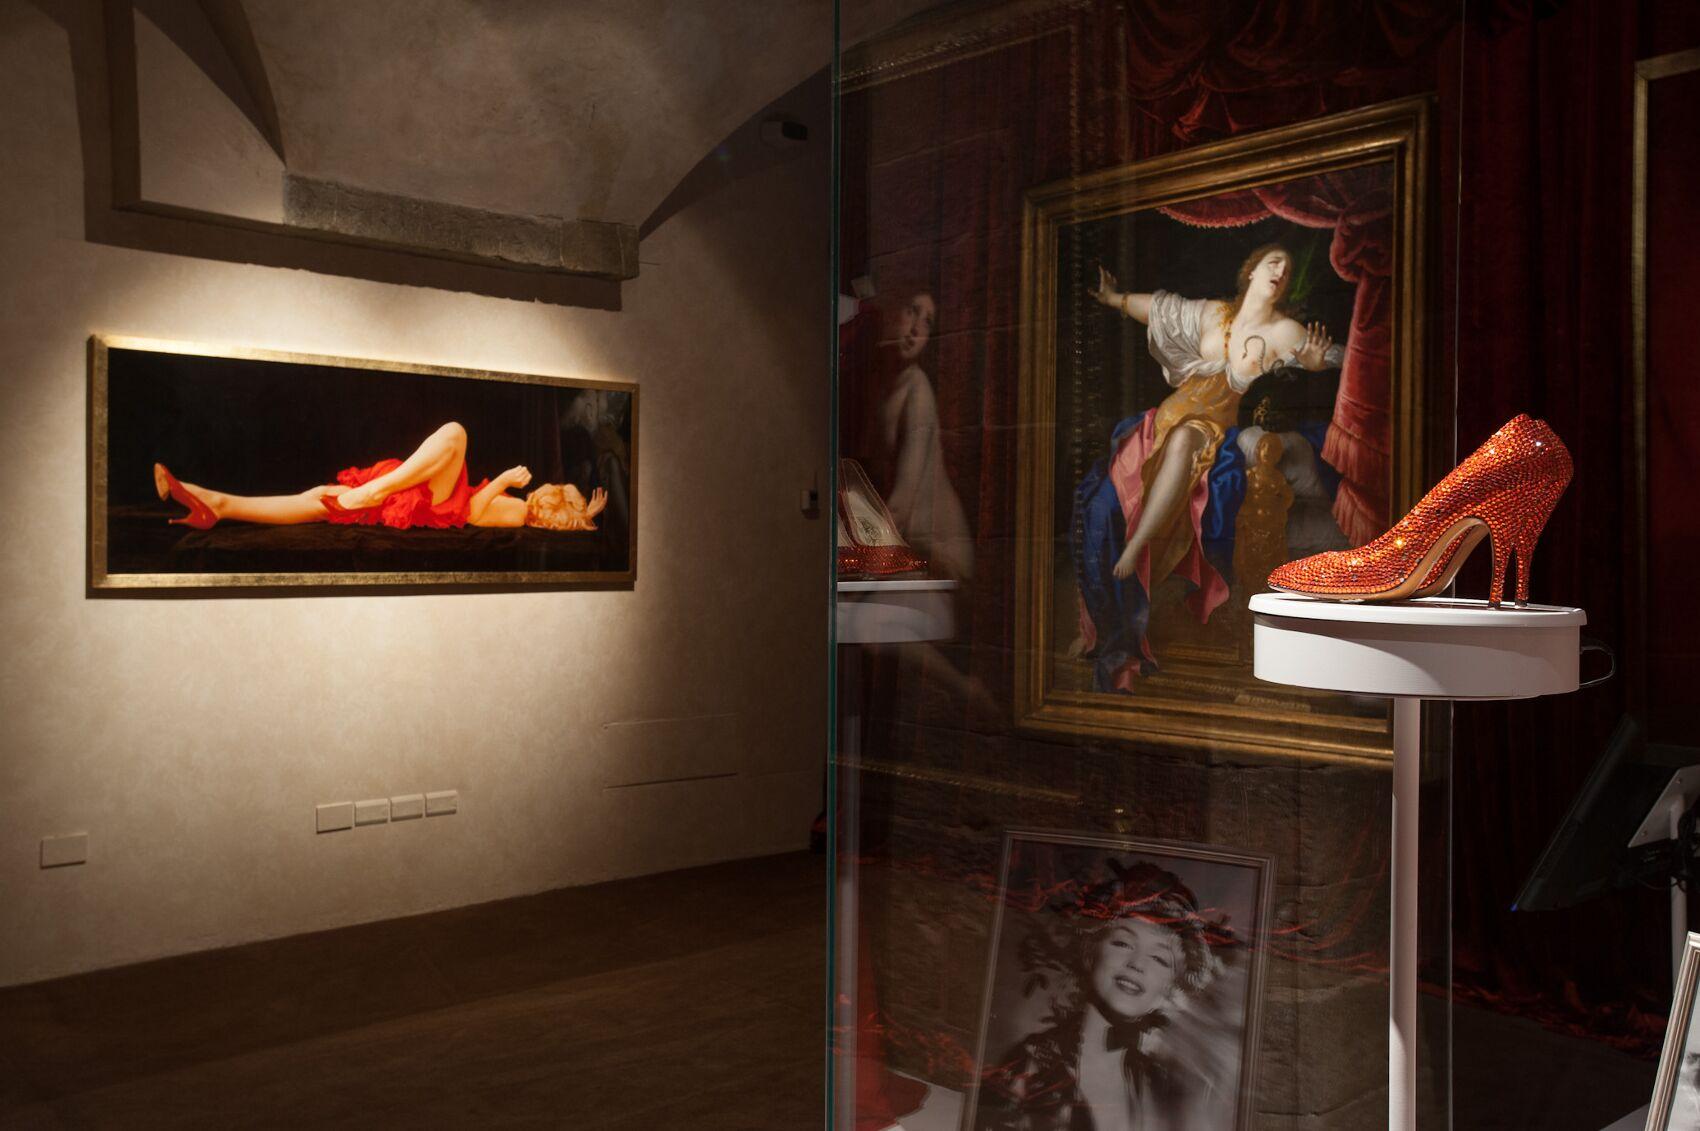 Marilyn Monroe Shoes